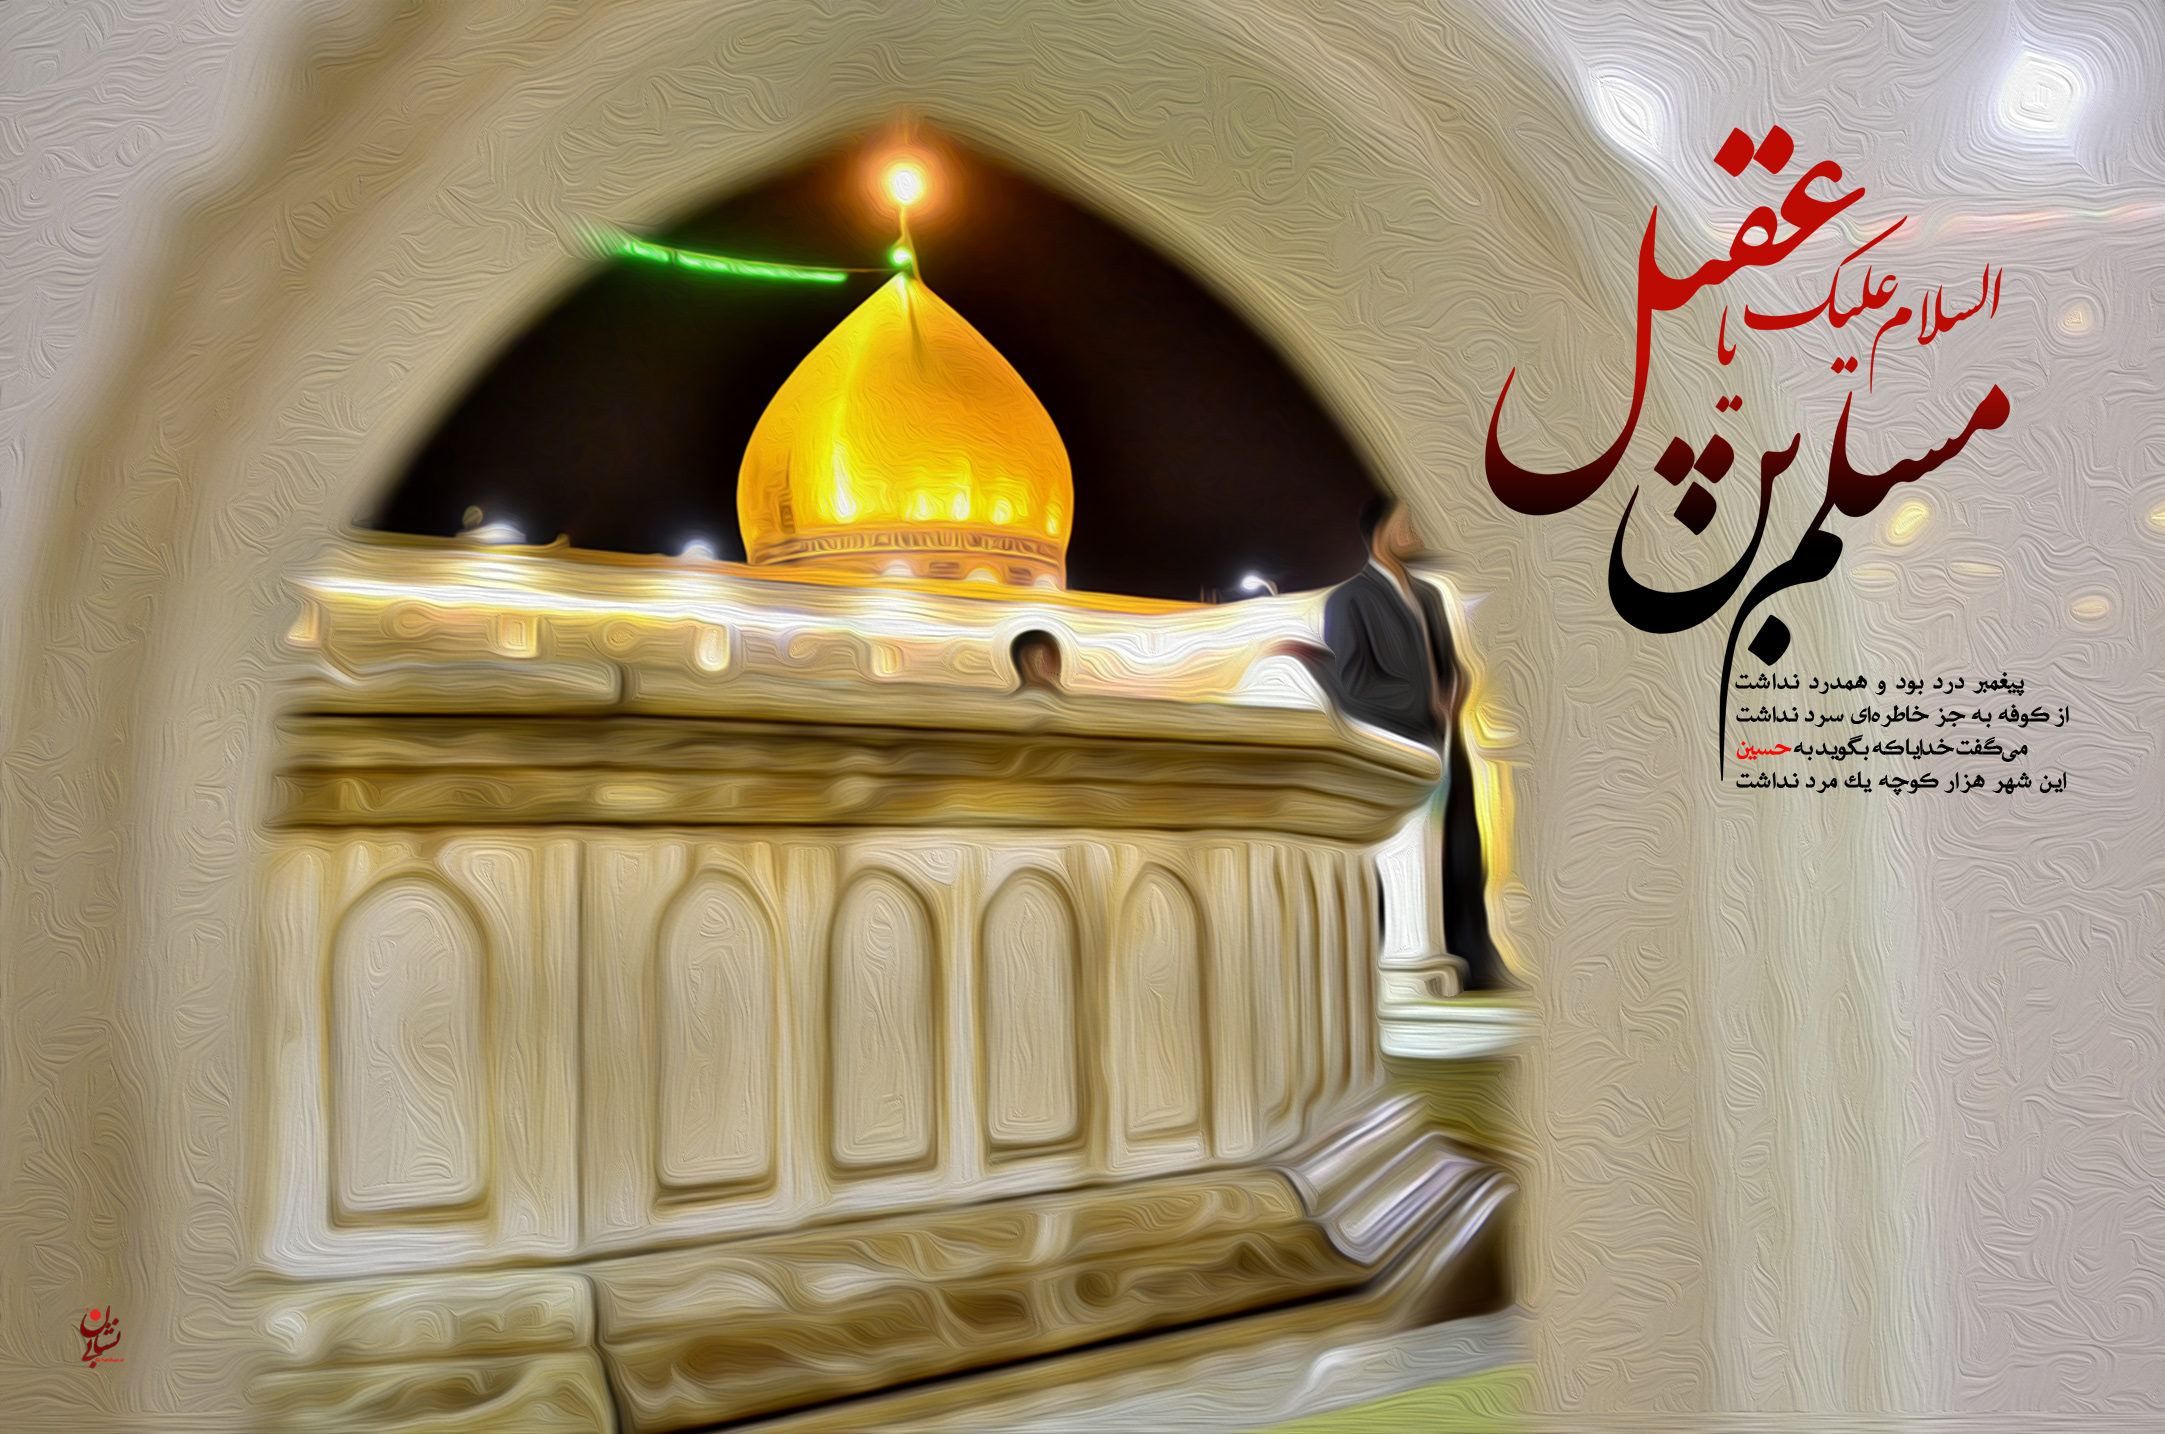 نتیجه تصویری برای شهادت حضرت مسلم بن عقیل